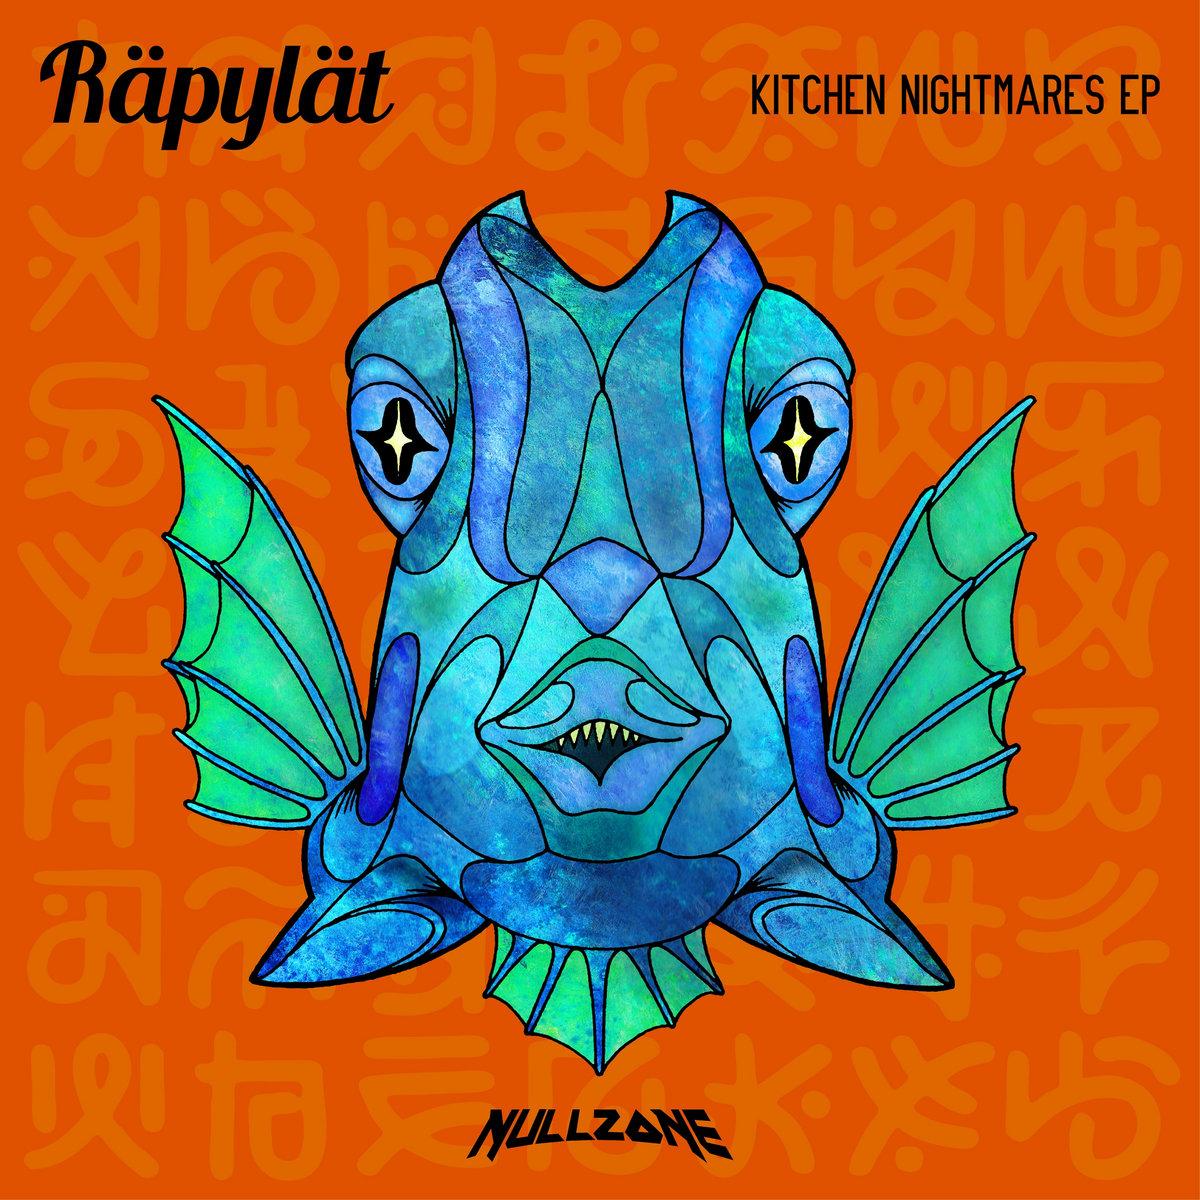 Kitchen Nightmares ep | NULLZONE